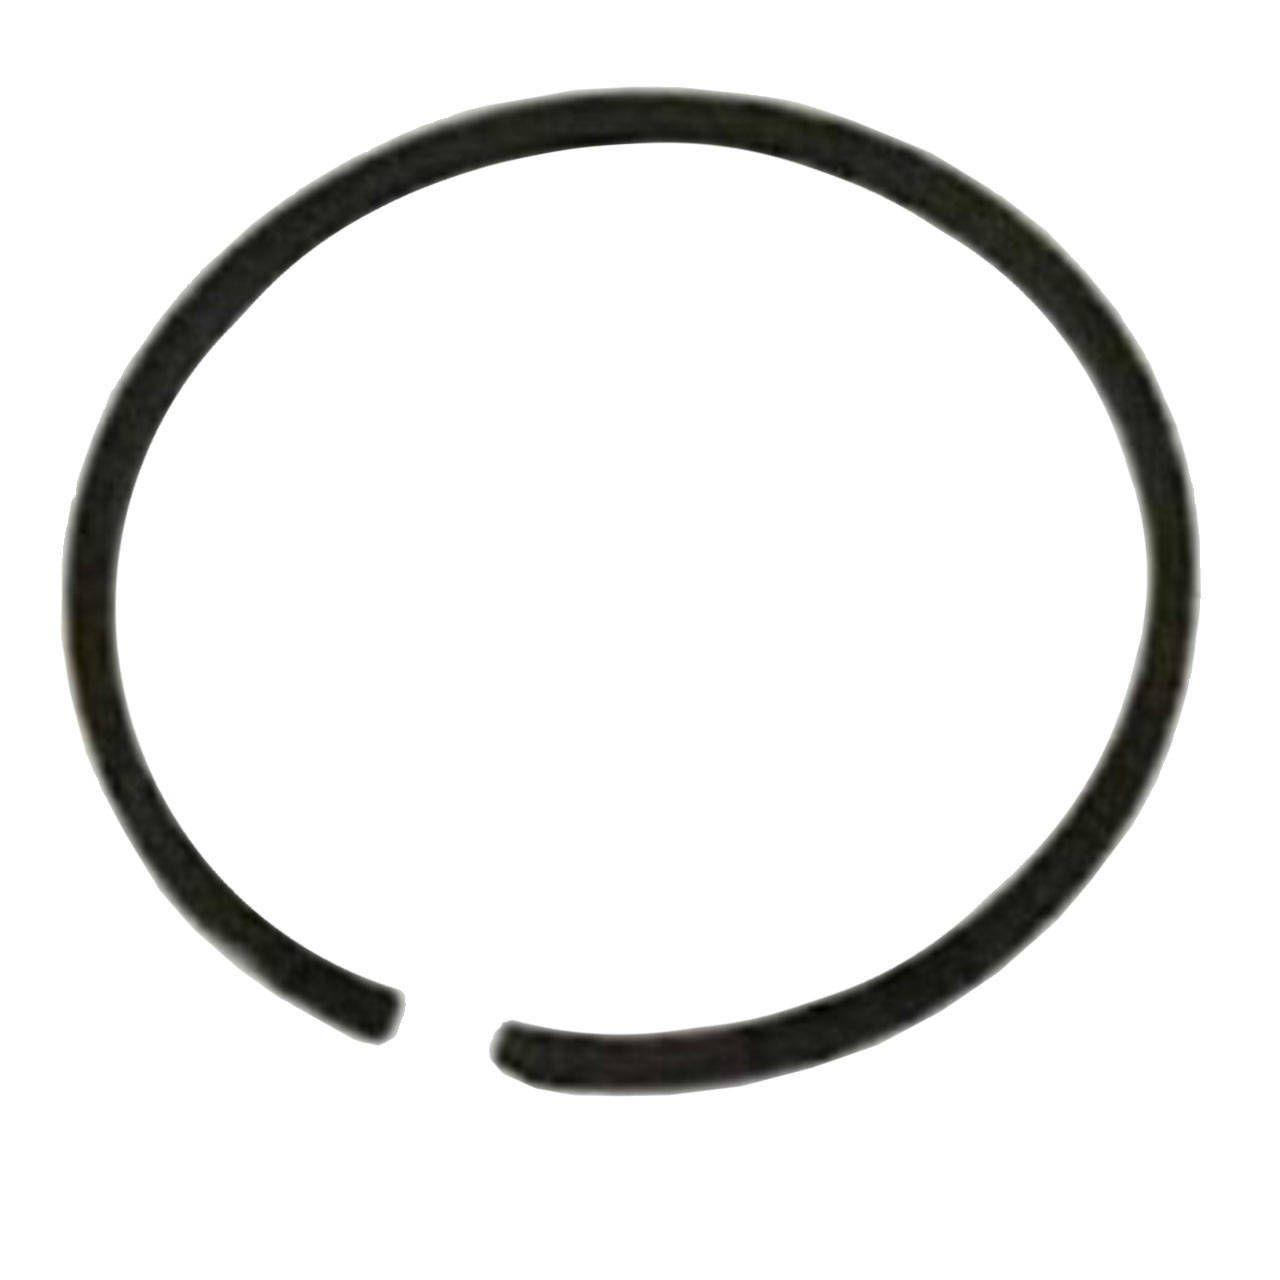 Shindaiwa 10001110530 - Ring Piston